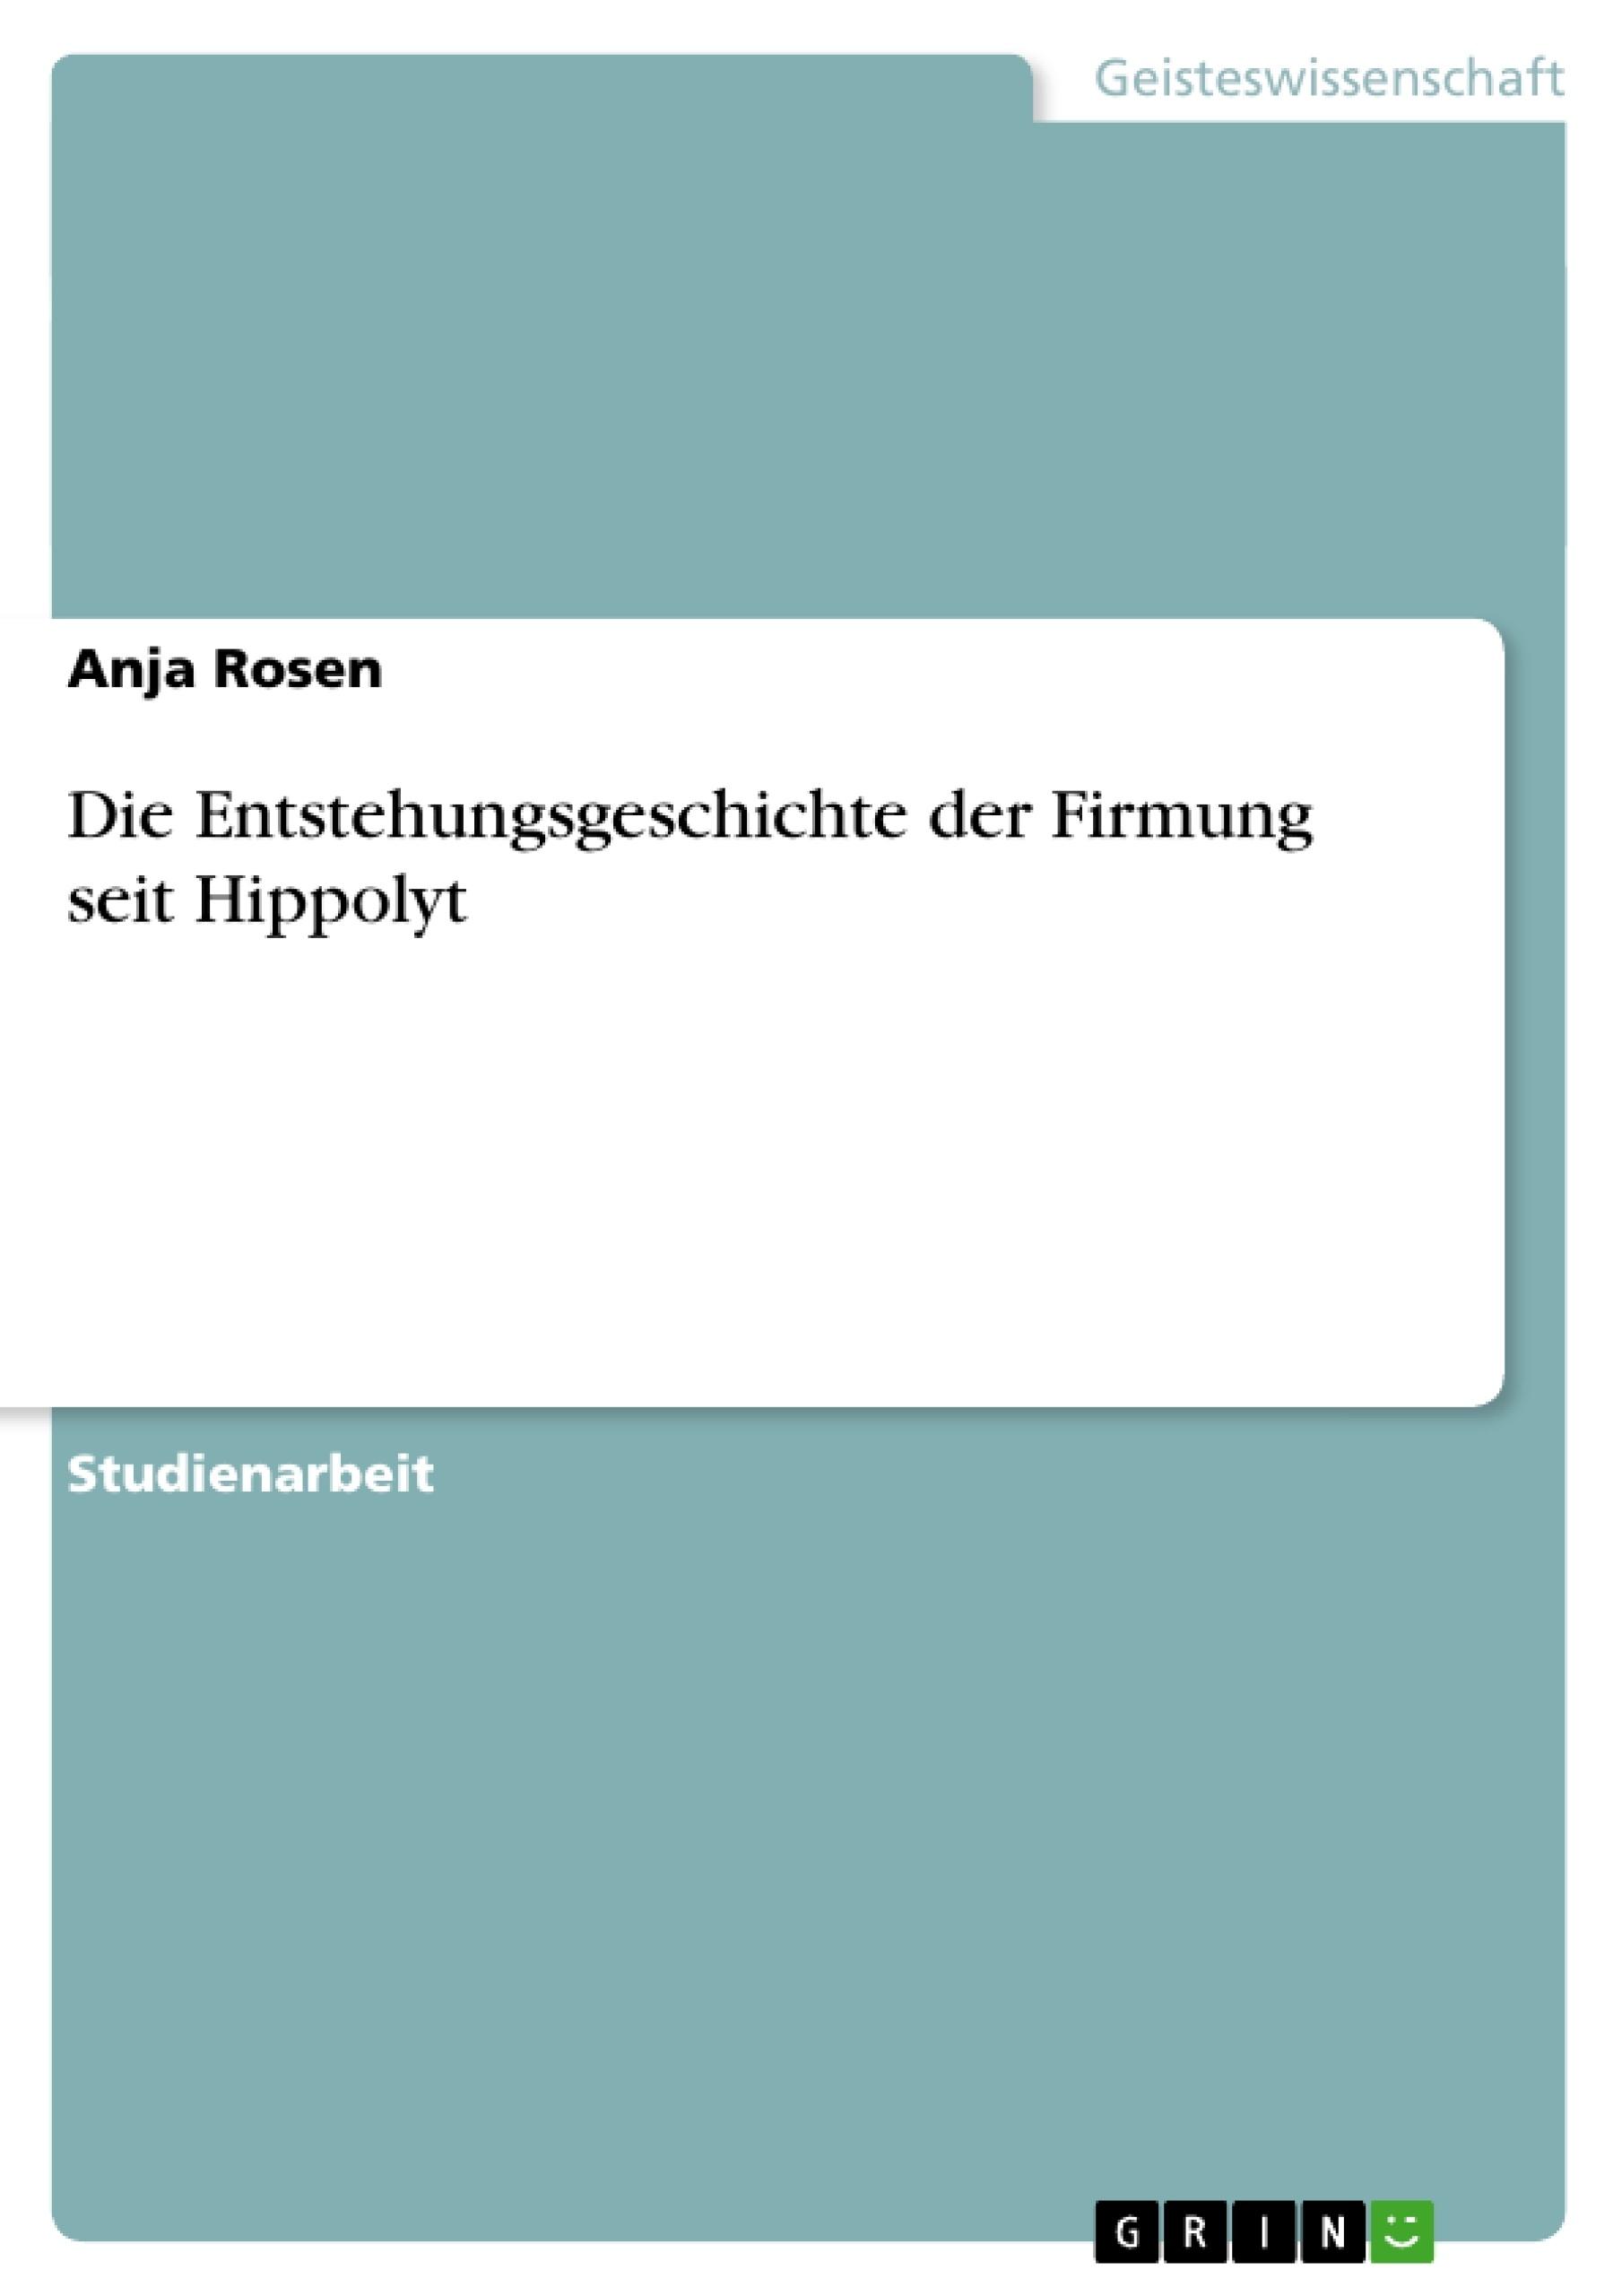 Titel: Die Entstehungsgeschichte der Firmung seit Hippolyt